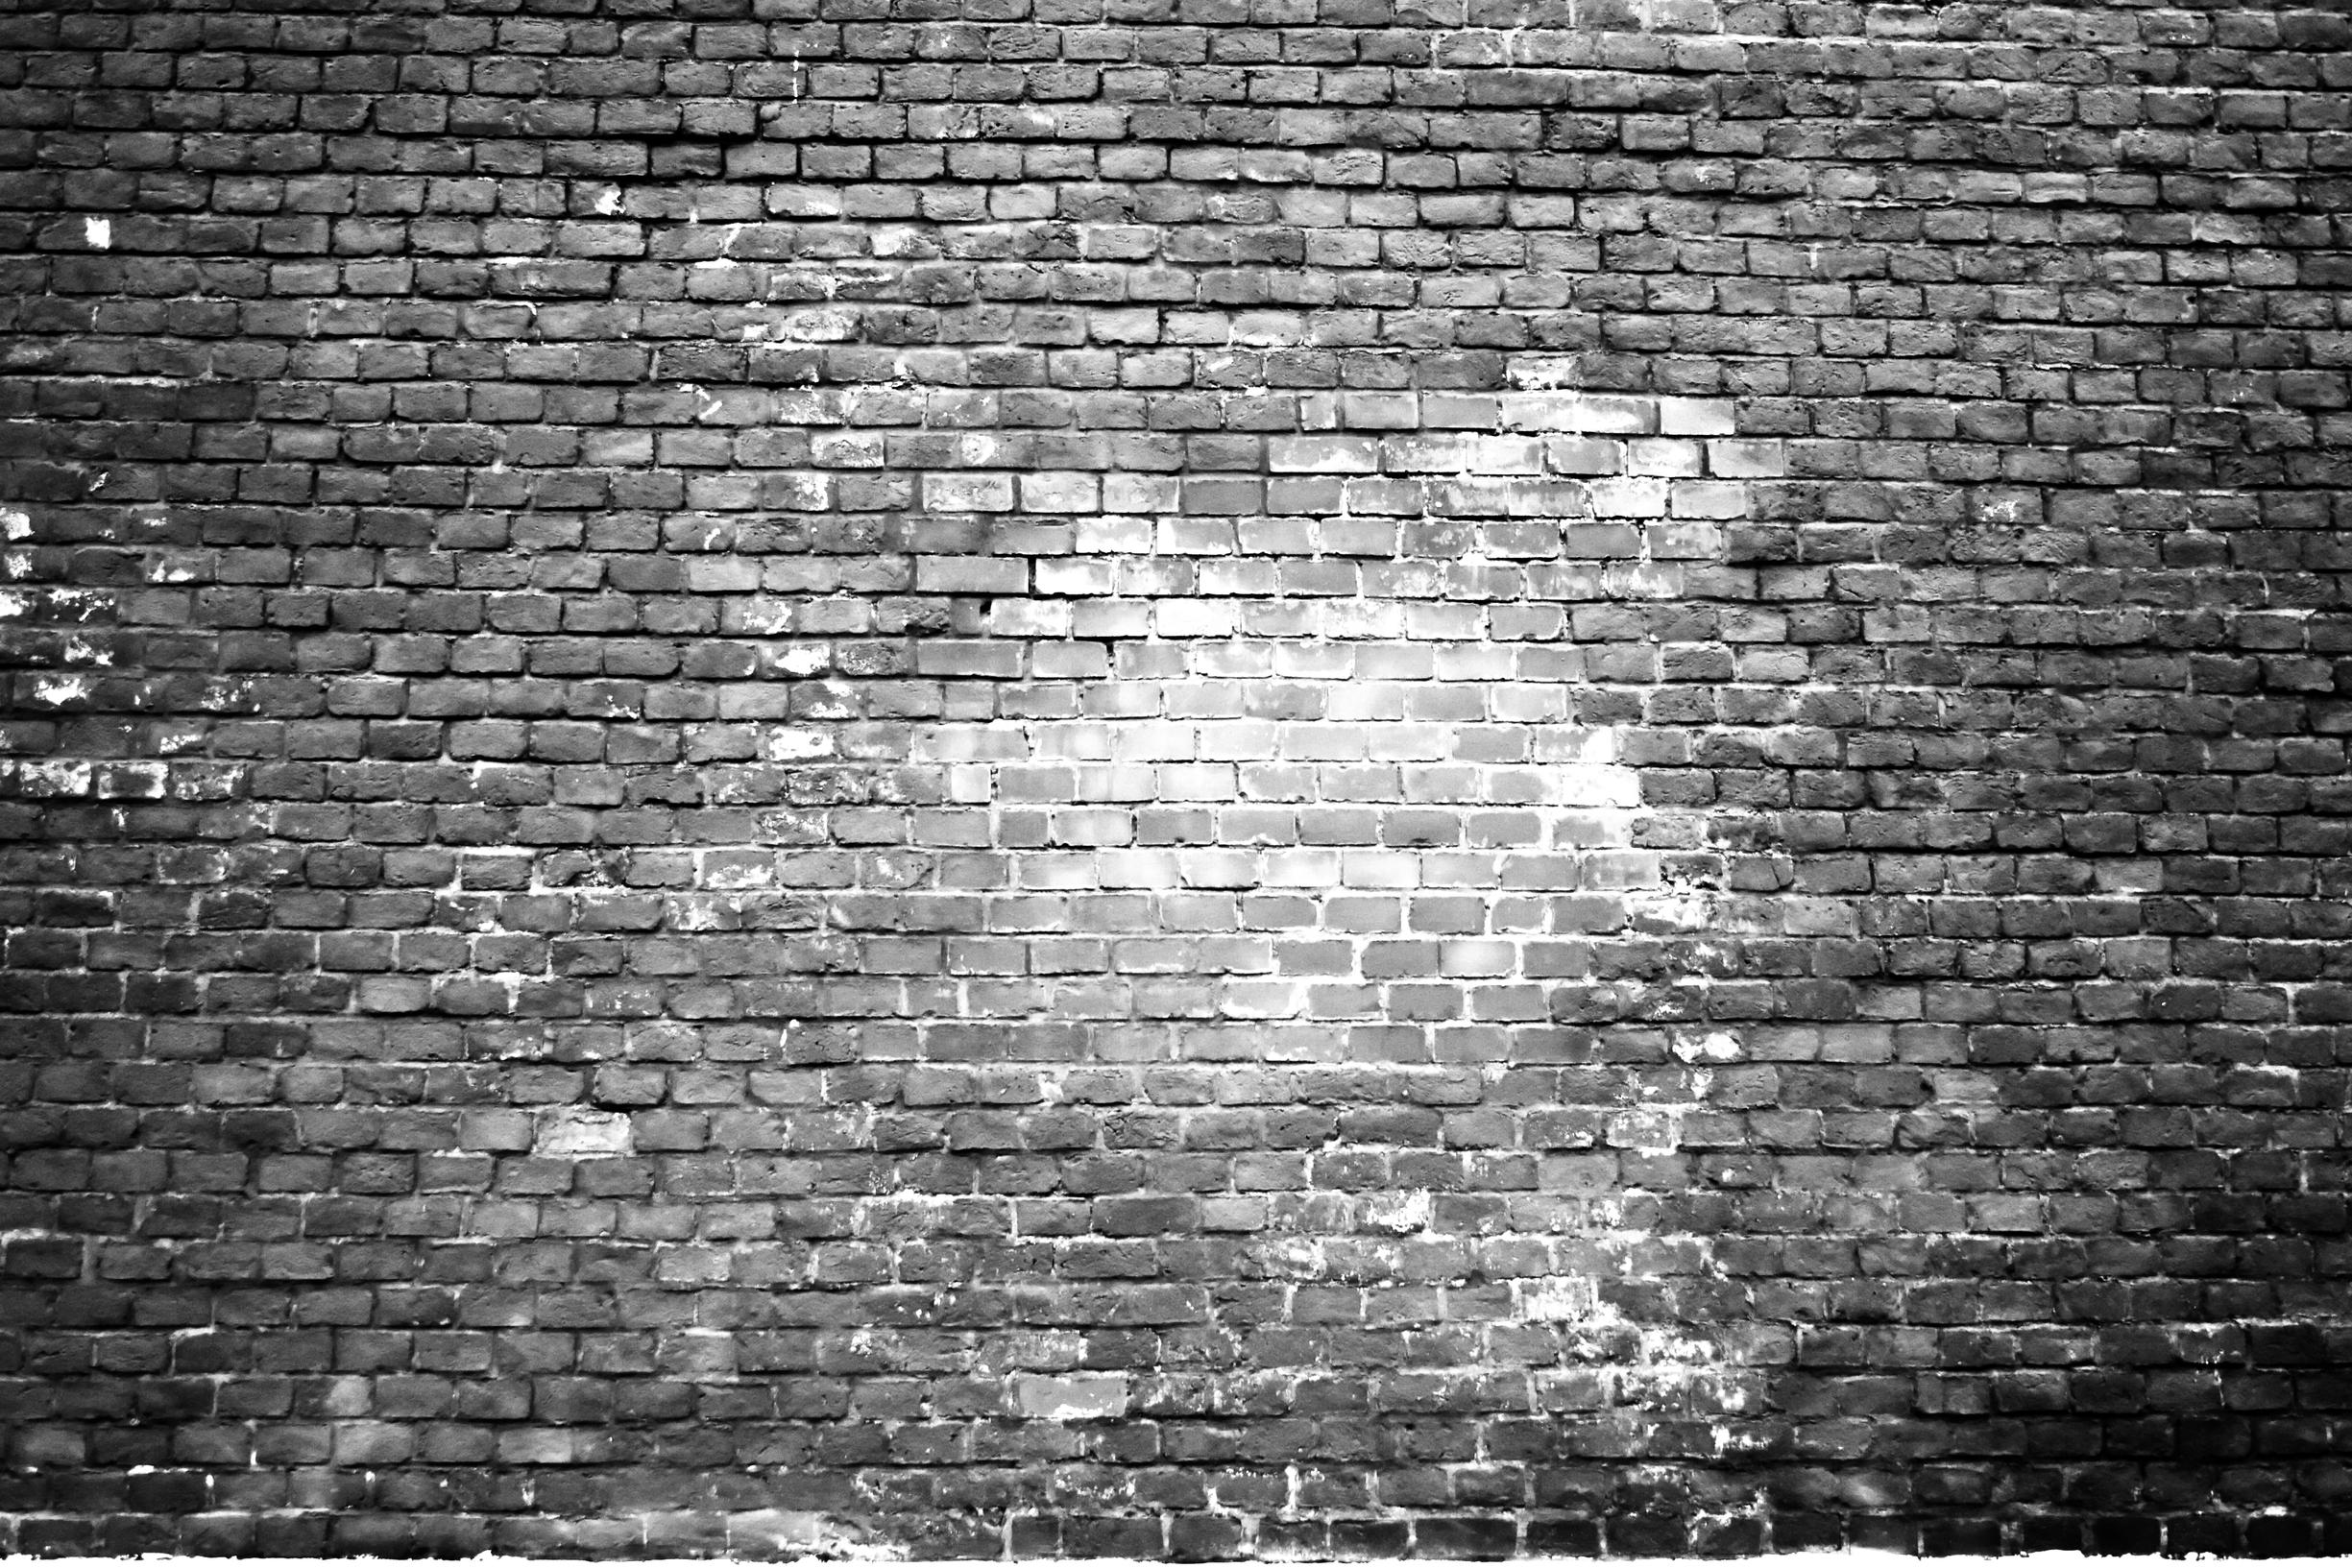 Brick Wall High 2449 1633 Homework Pinterest